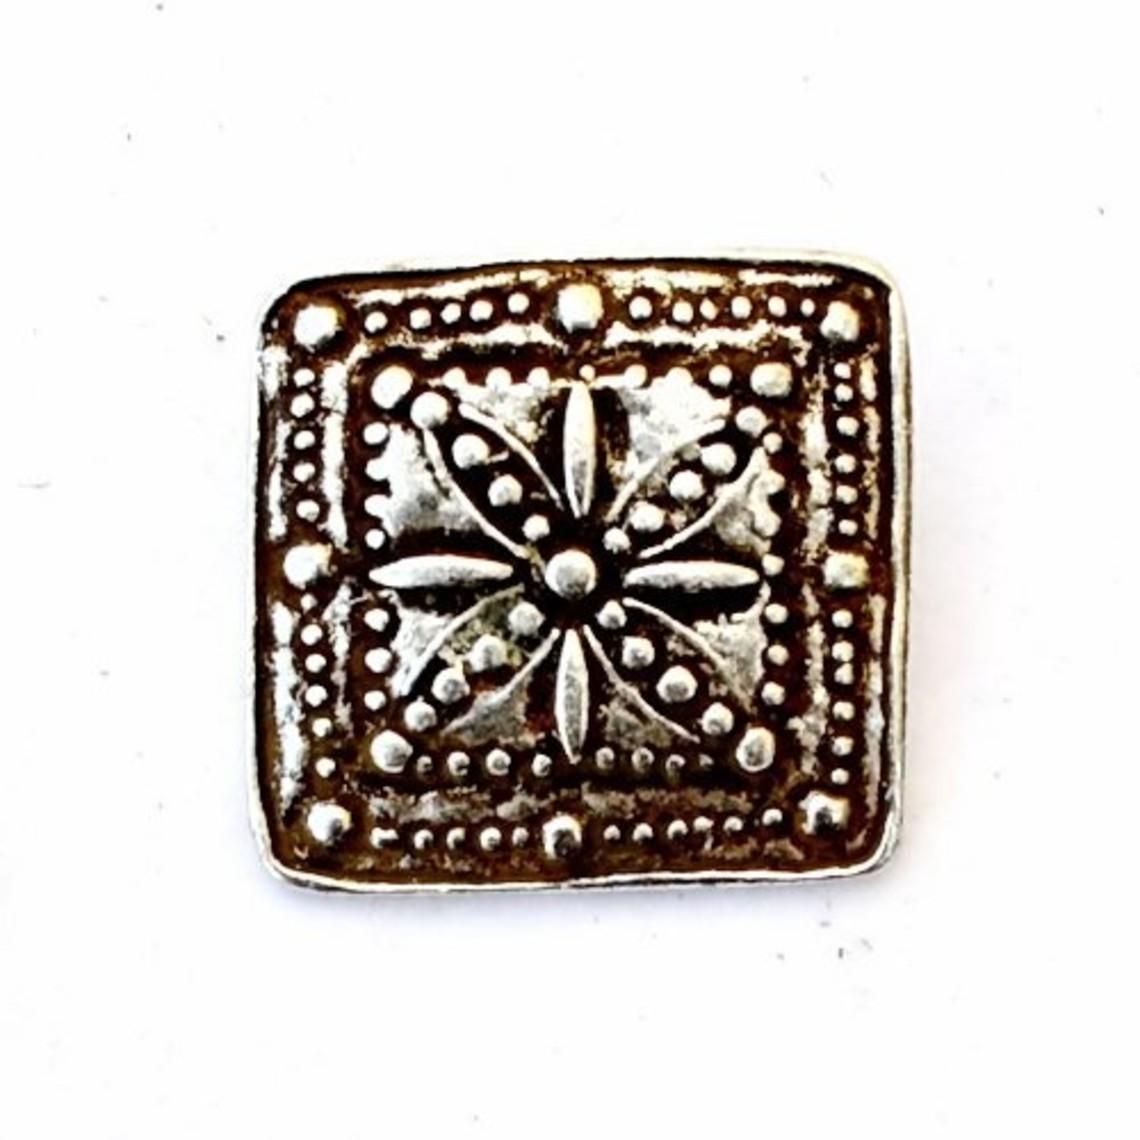 15de eeuws riembeslag bloem (set van 5 stuks), verzilverd